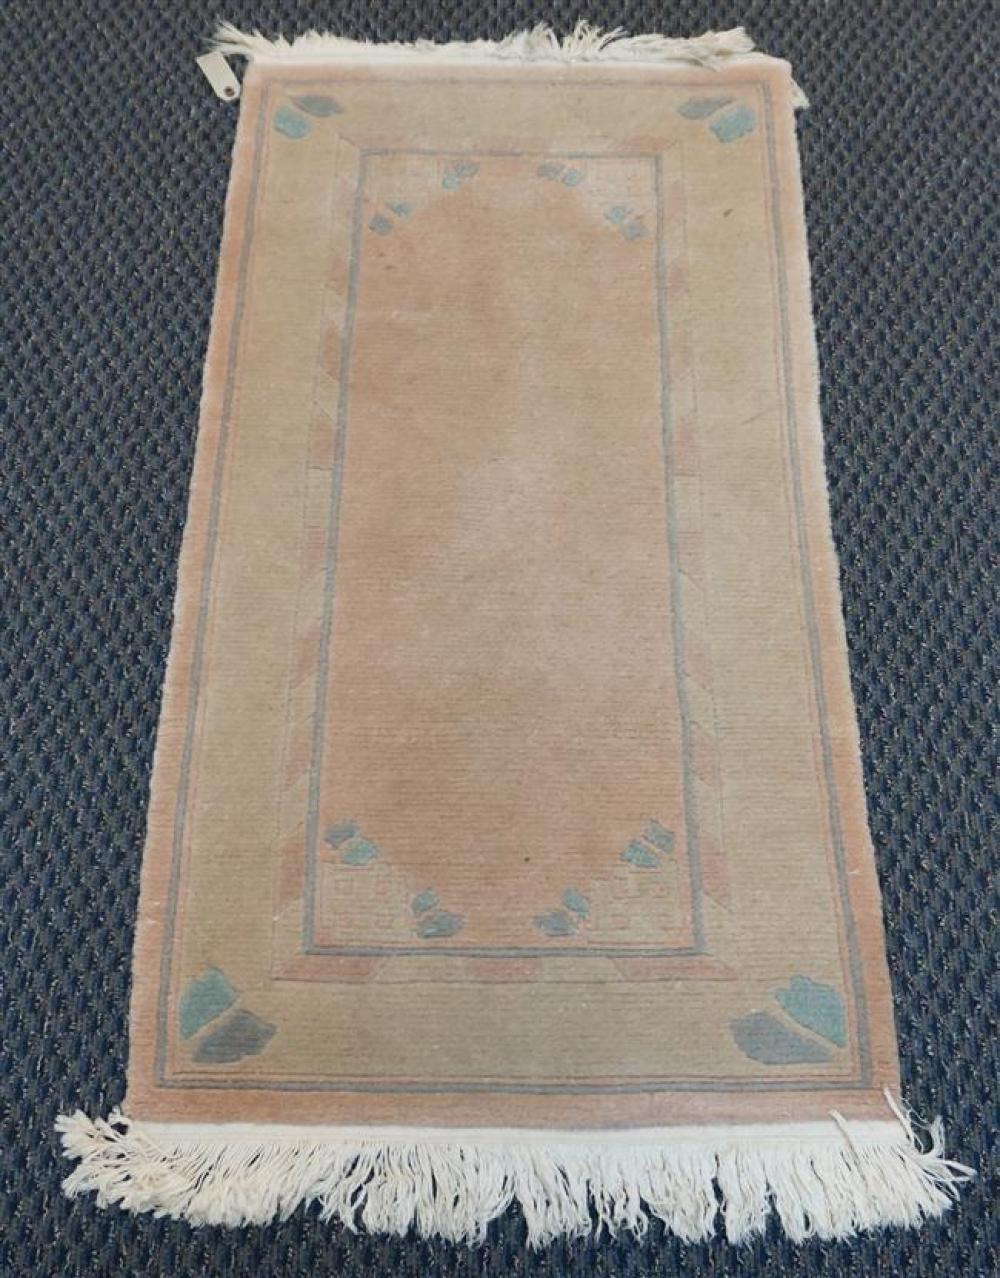 Tibetan Rug, 4 FT 7 IN x 2 FT 4 IN